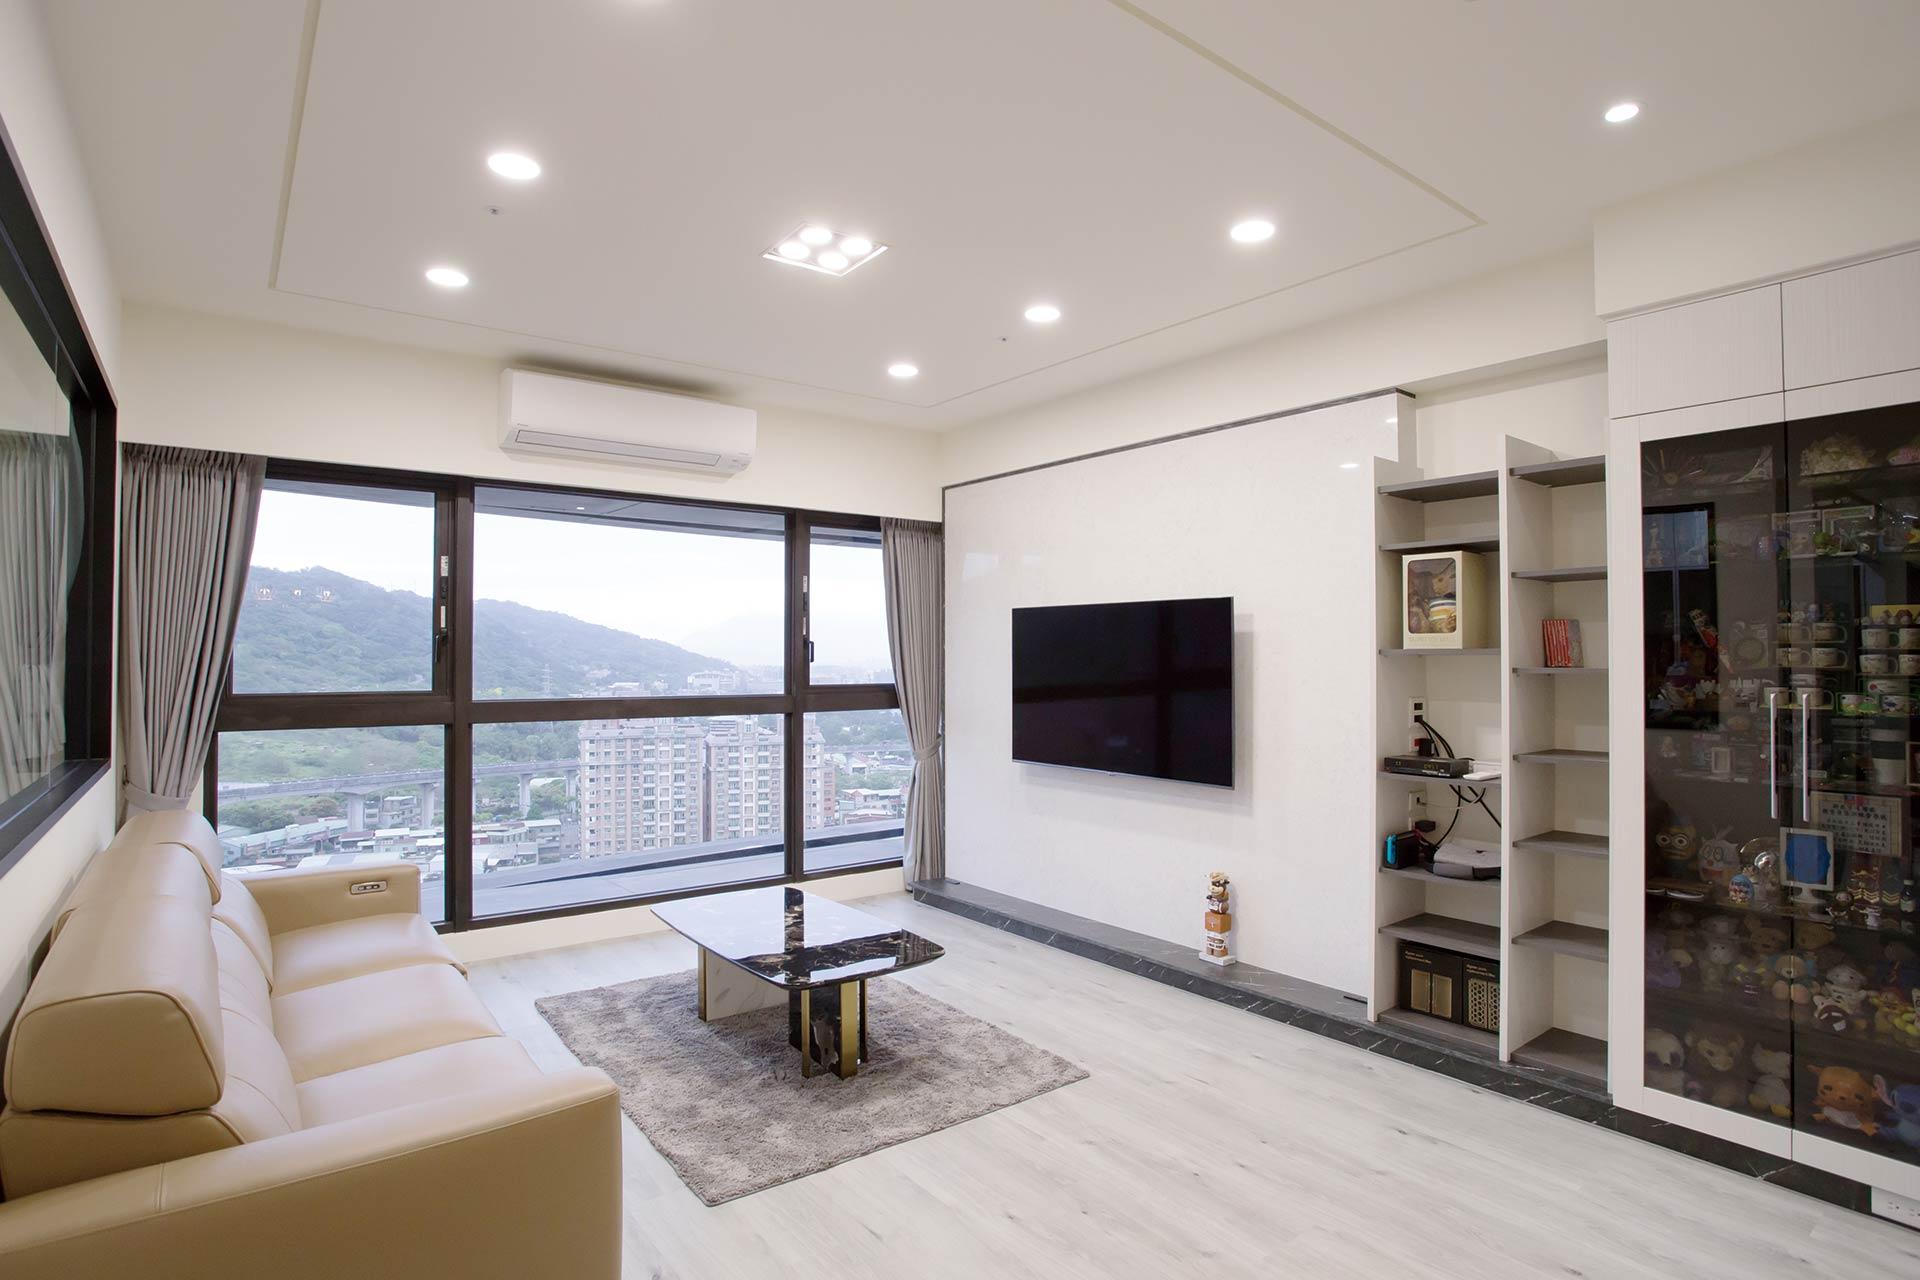 現代風格室內設計作品:爽朗現代風 收納於無形隱藏櫃體設計